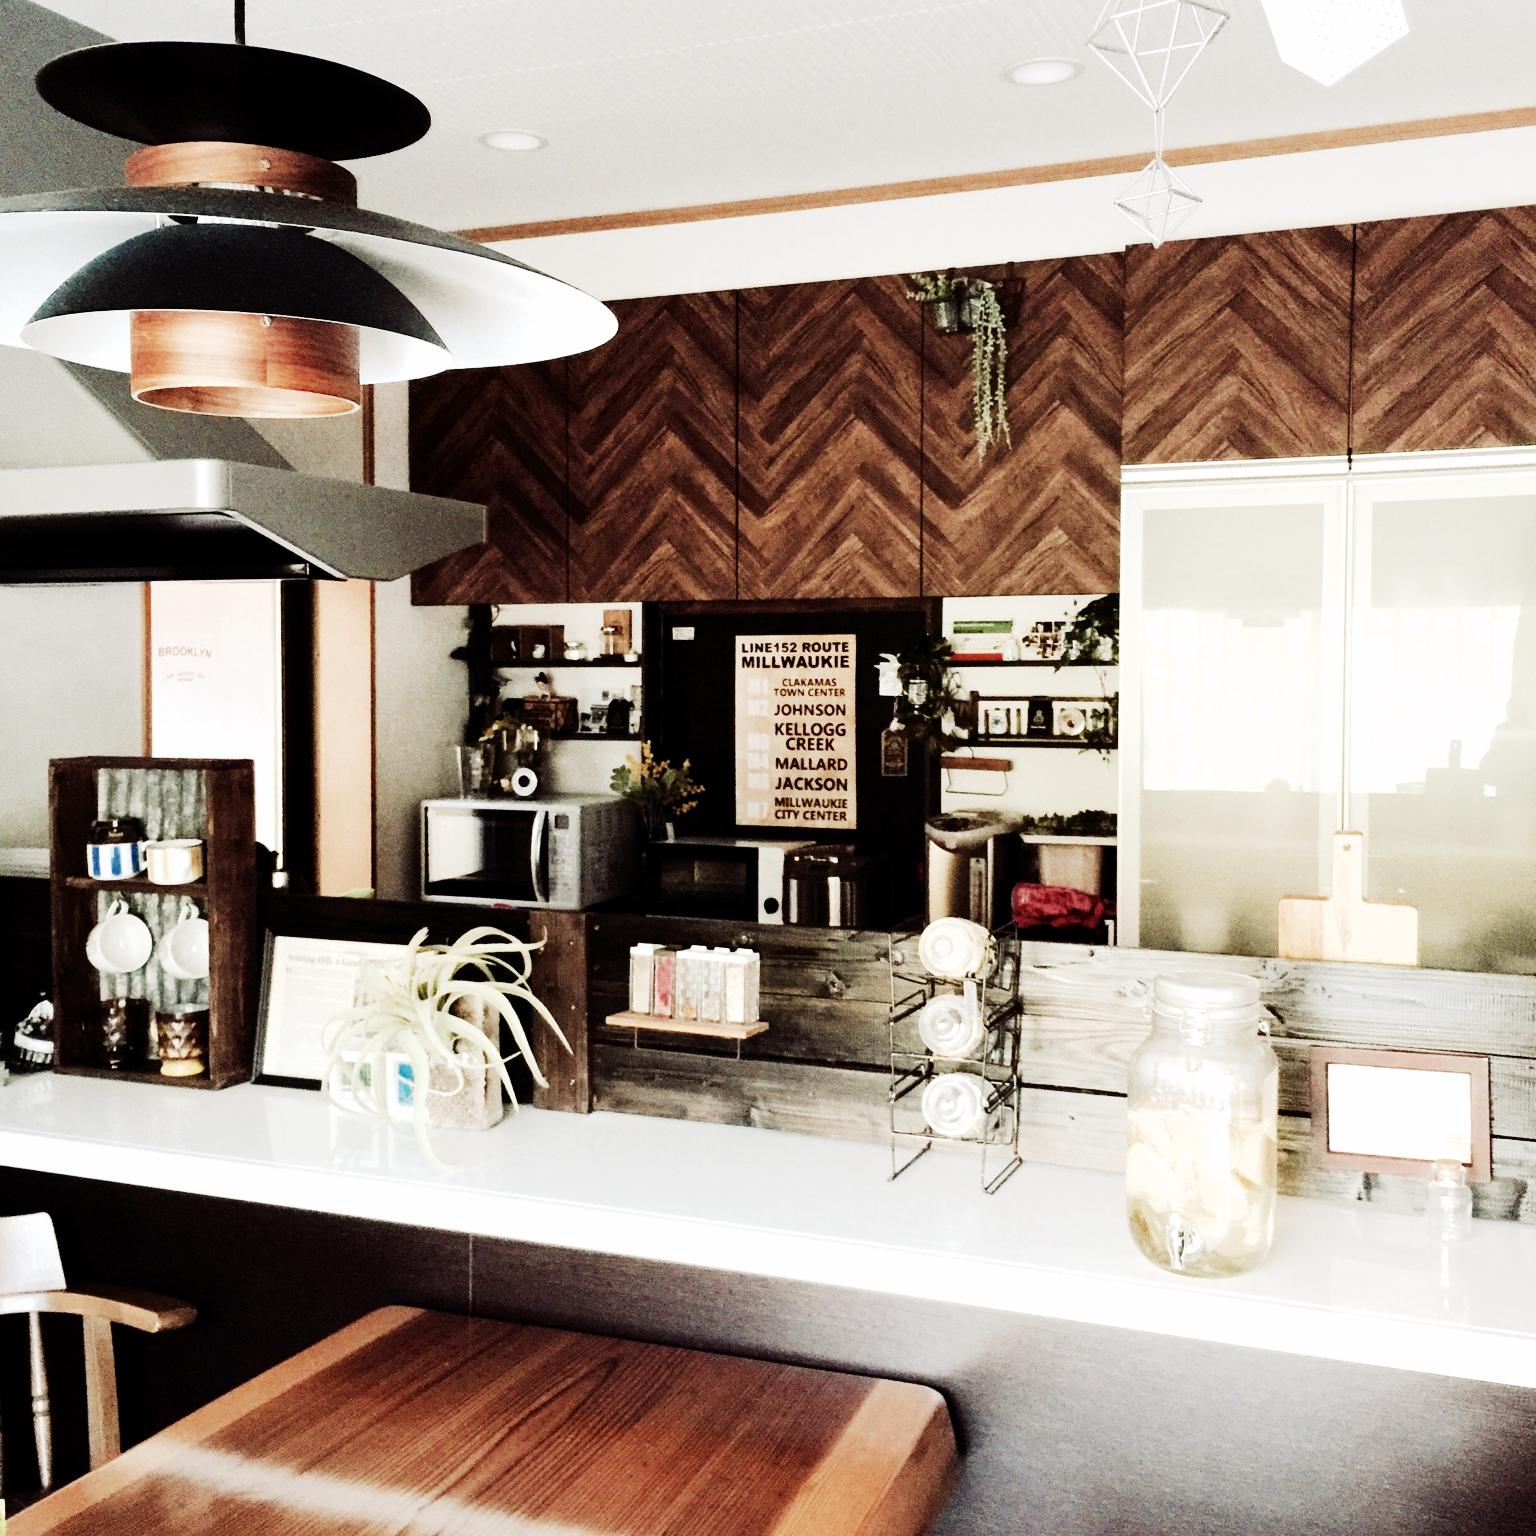 素敵に蘇る!!インテリアシートでキッチンのプチリフォーム | RoomClip mag | 暮らしとインテリアのwebマガジン